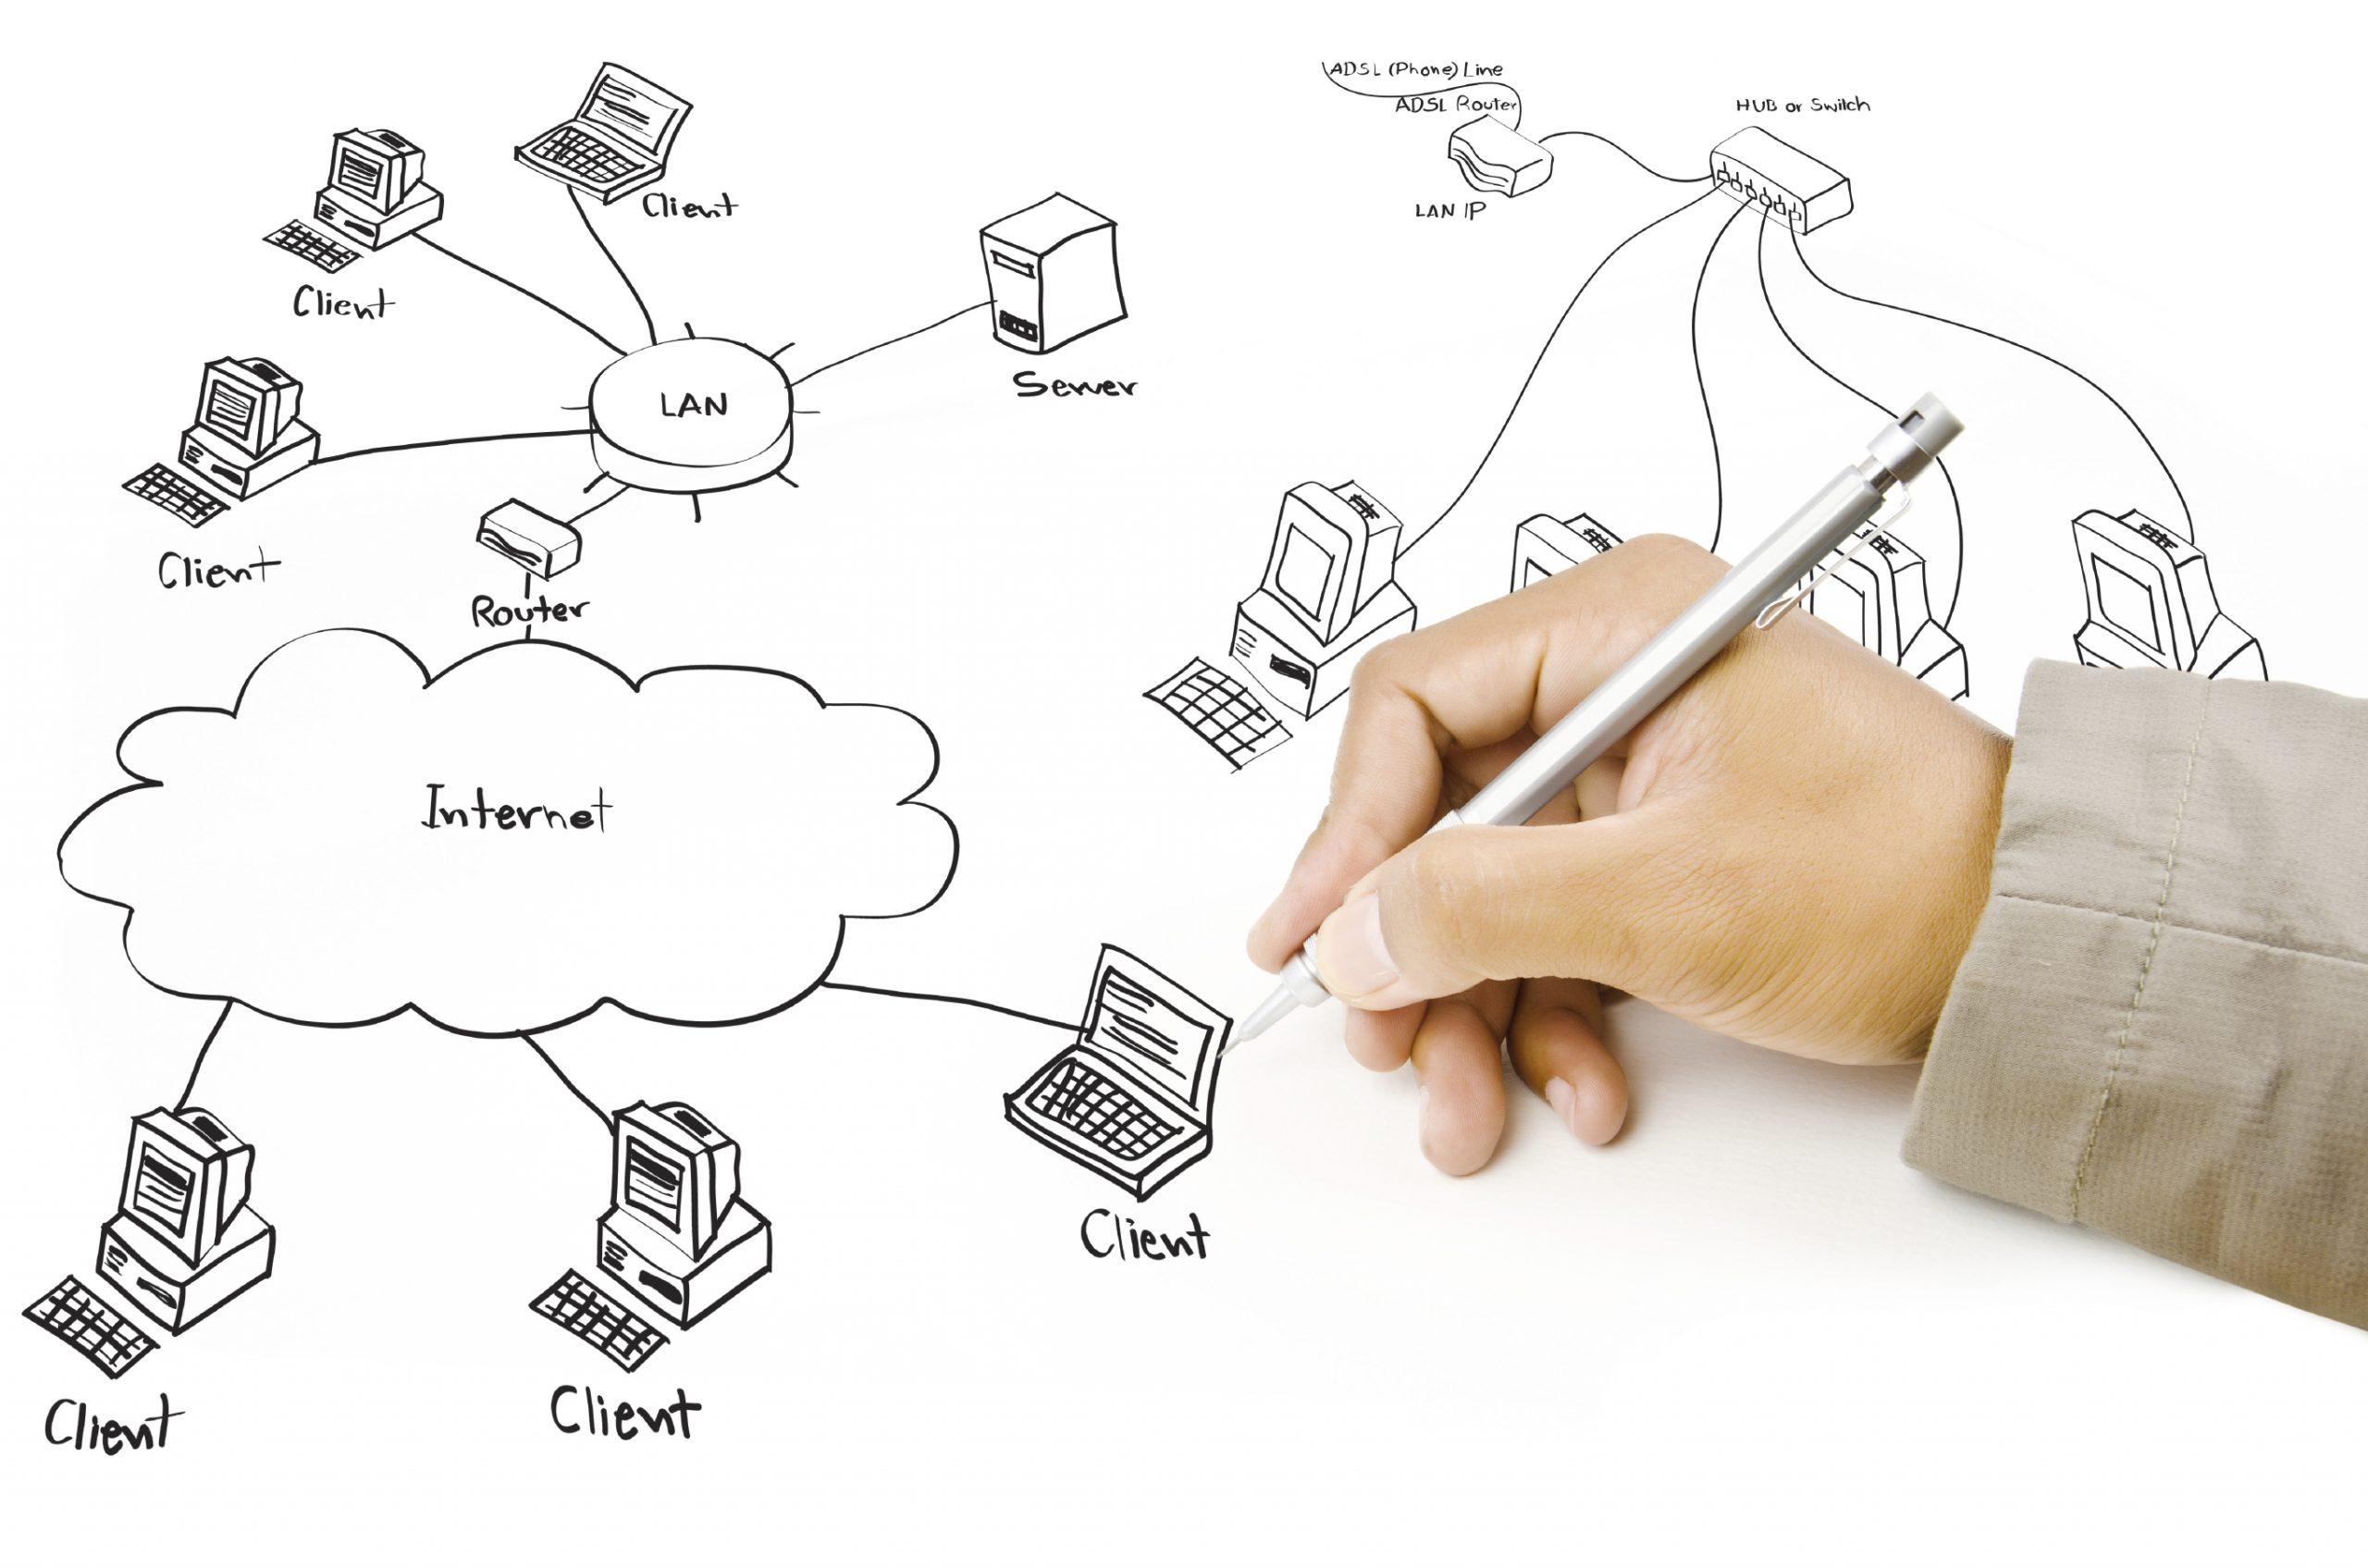 ATS Ontwerp netwerkinfrastructuur